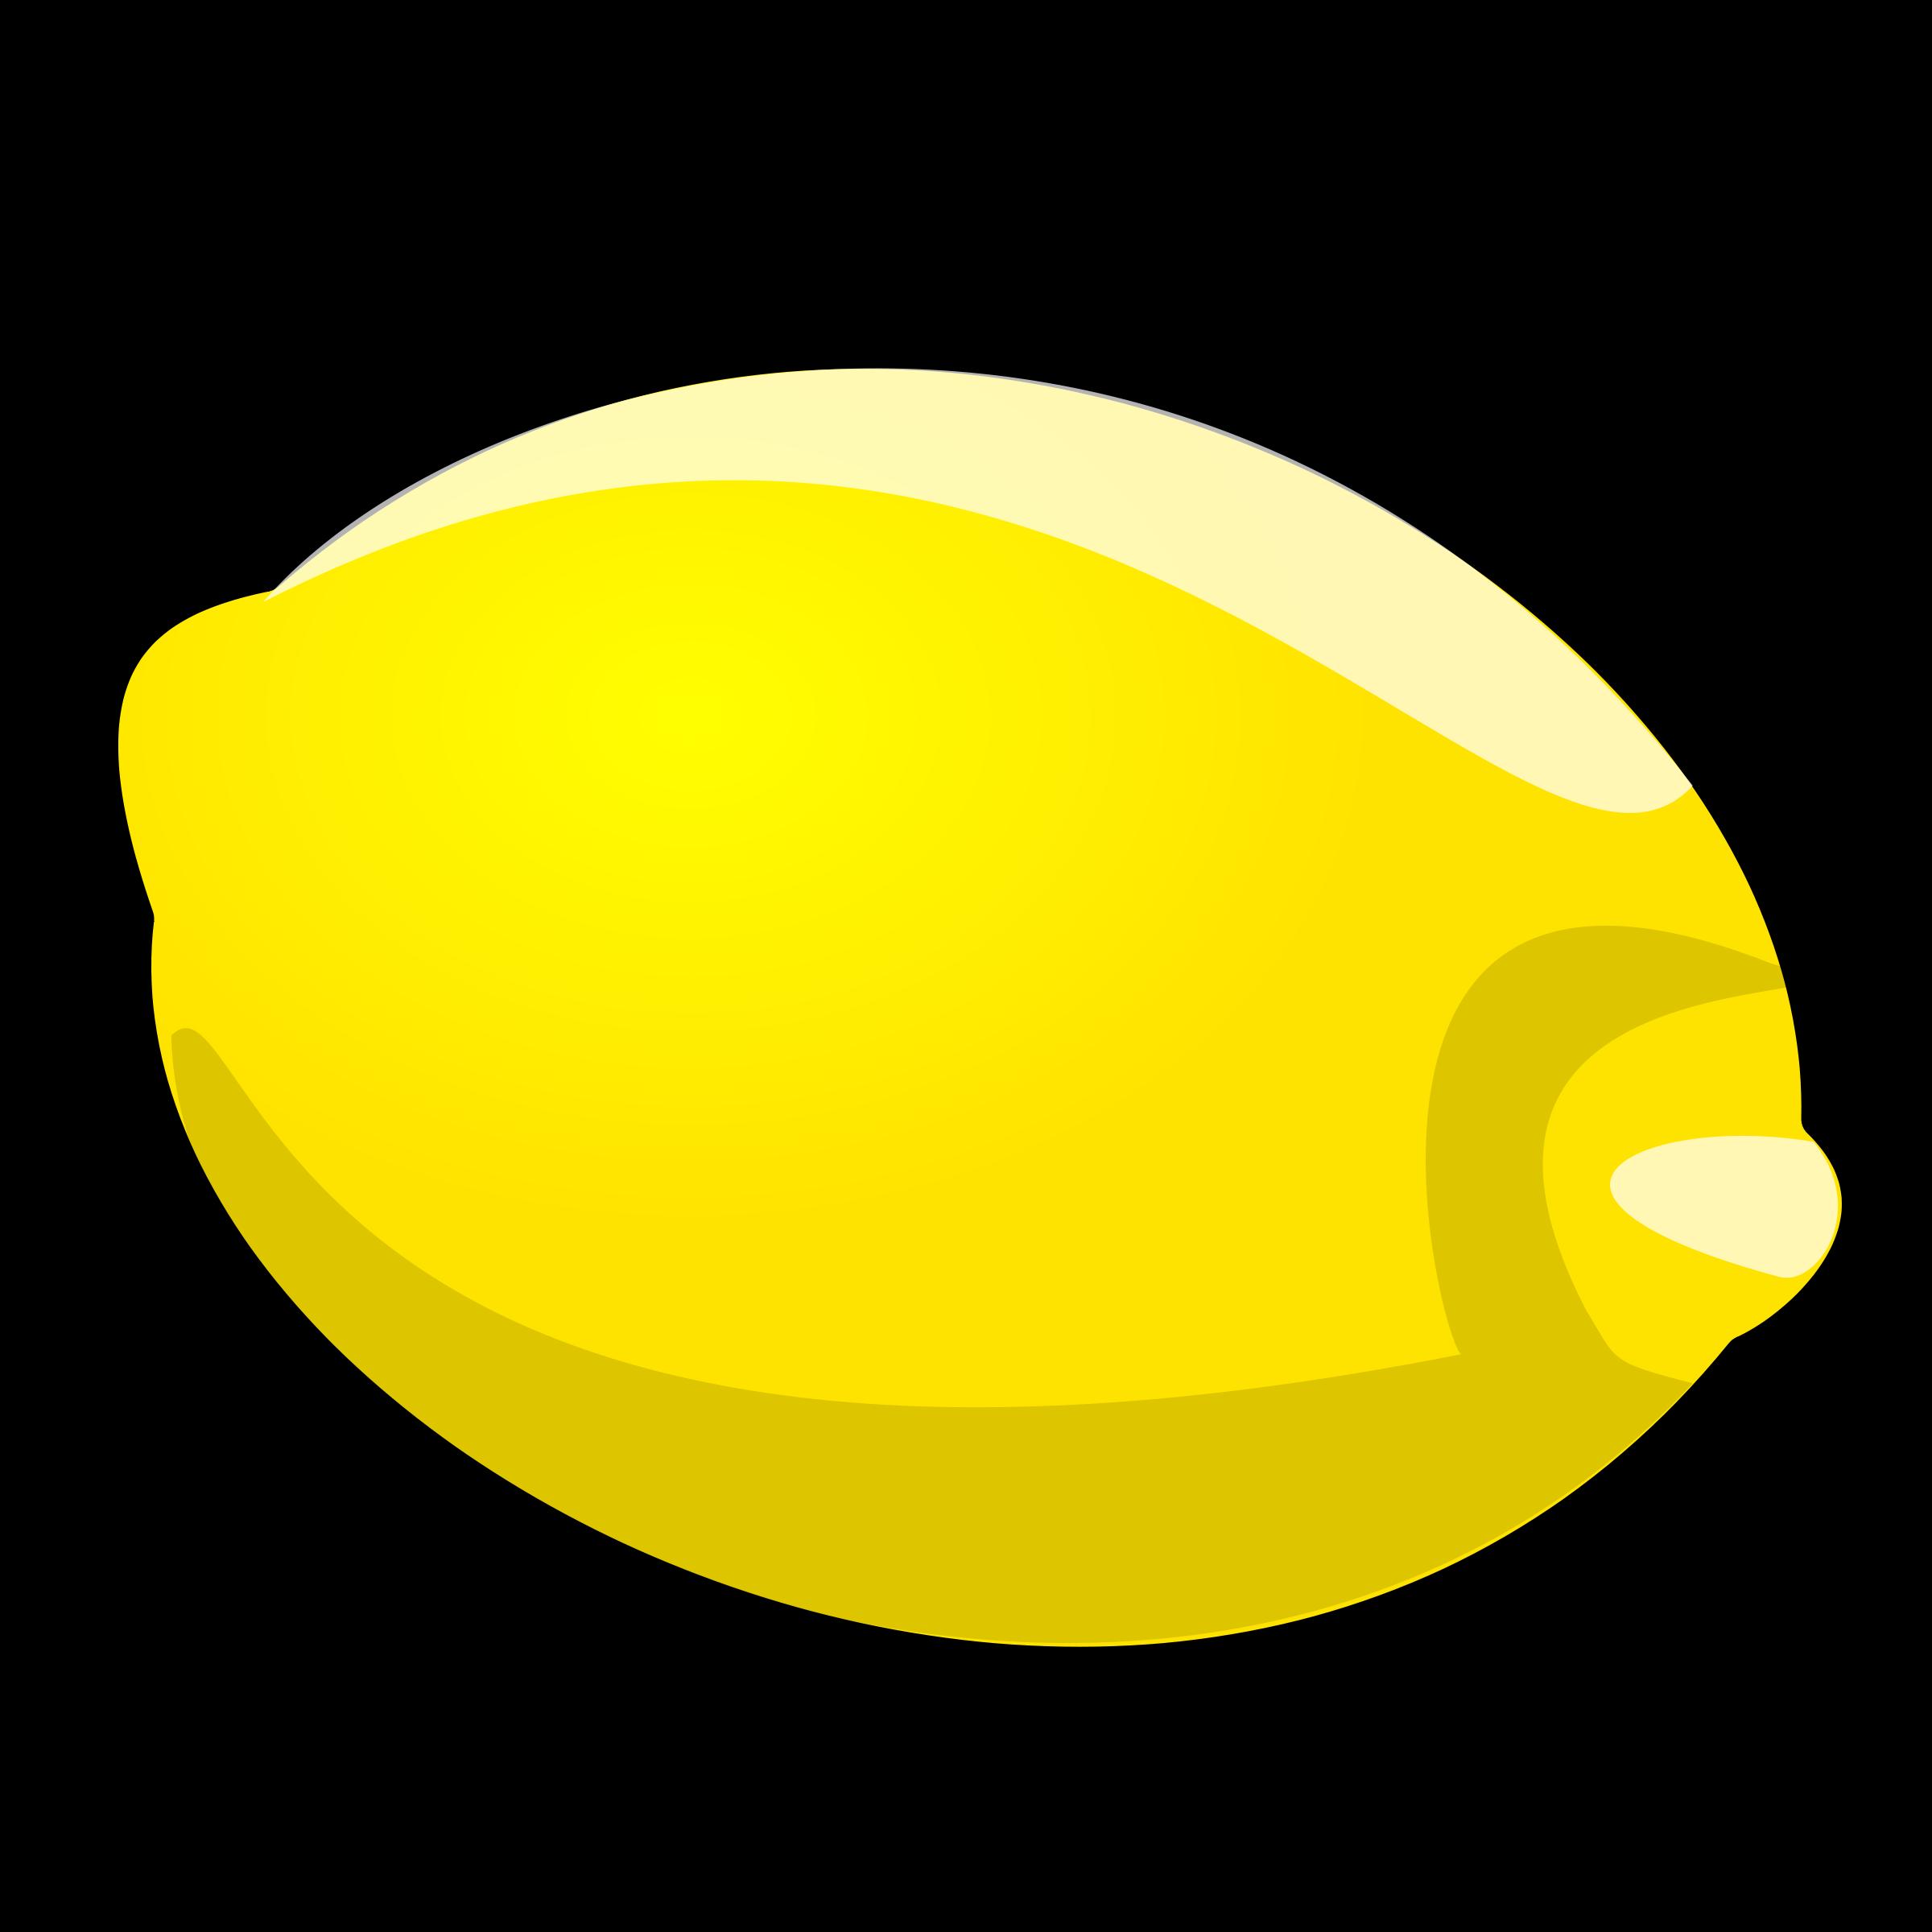 Lemon Clip Art  Lemon